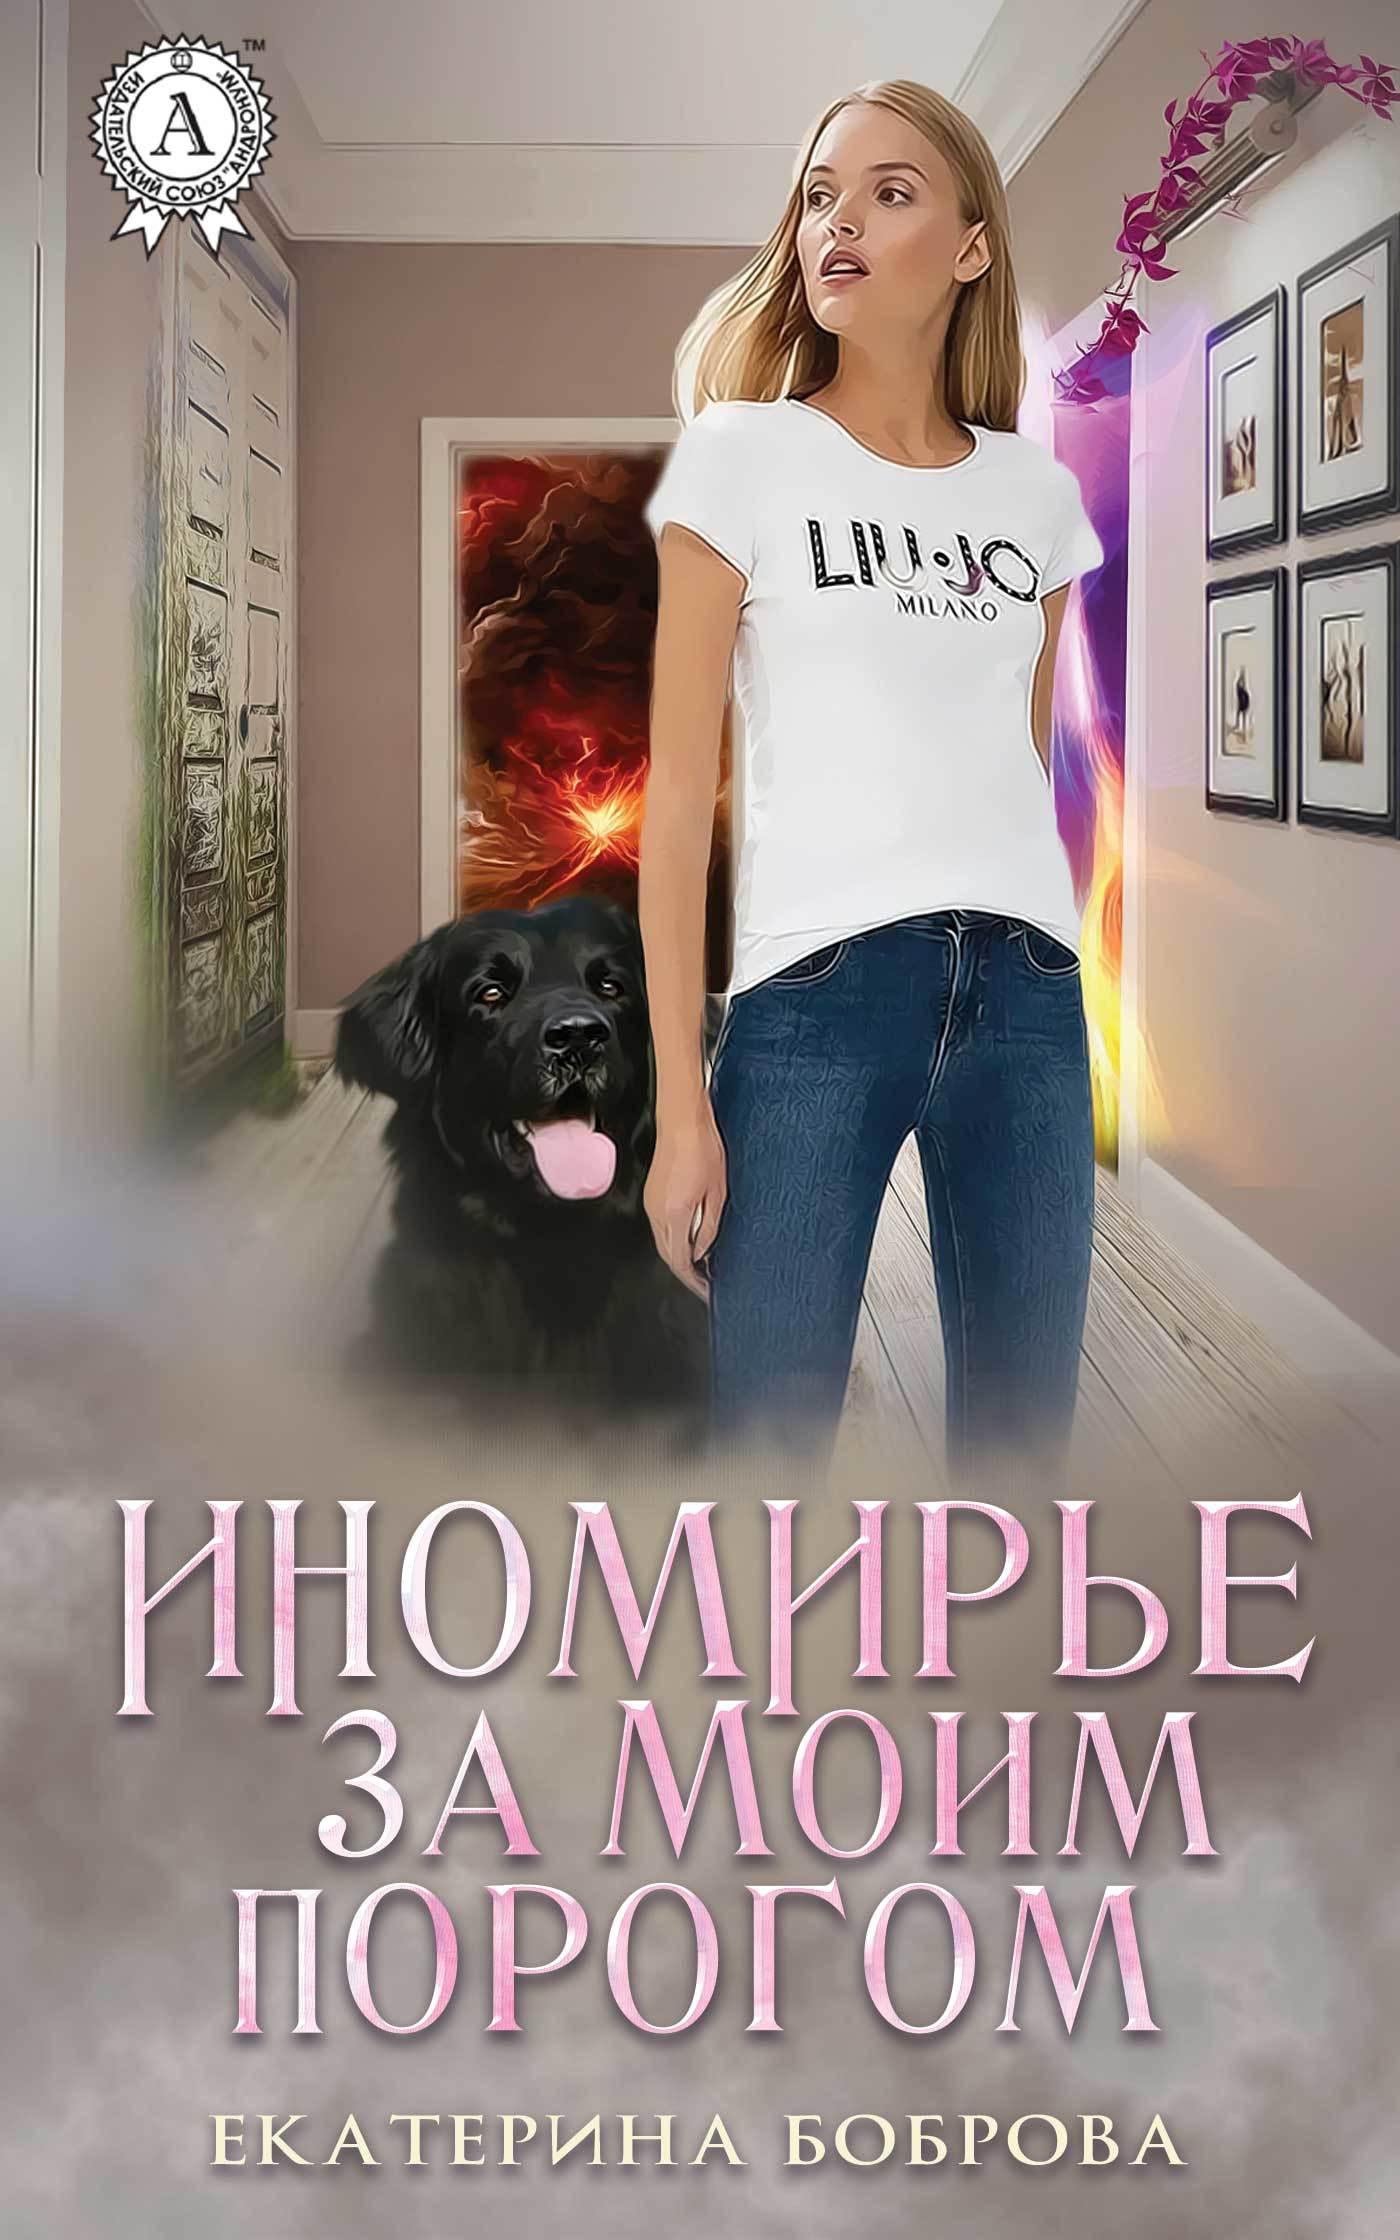 цена на Екатерина Боброва Иномирье за моим порогом